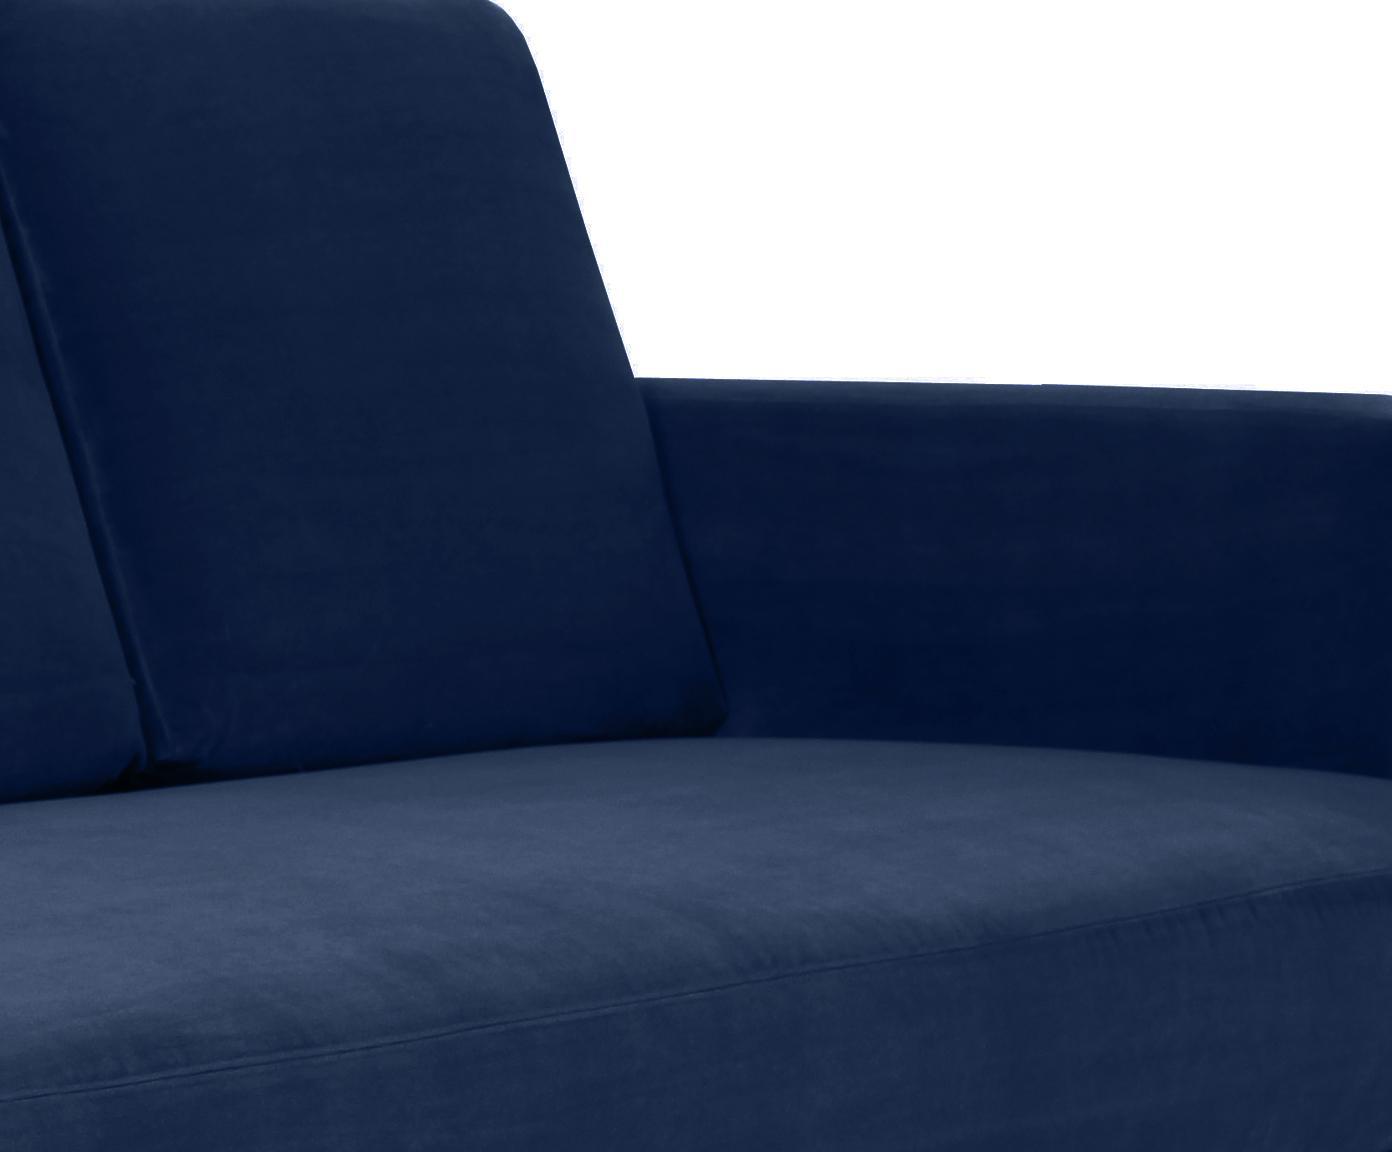 Szezlong z aksamitu Fluente, Tapicerka: aksamit (wysokiej jakości, Stelaż: lite drewno sosnowe, Nogi: metal lakierowany, Aksamitny ciemny niebieski, S 201 x G 83 cm